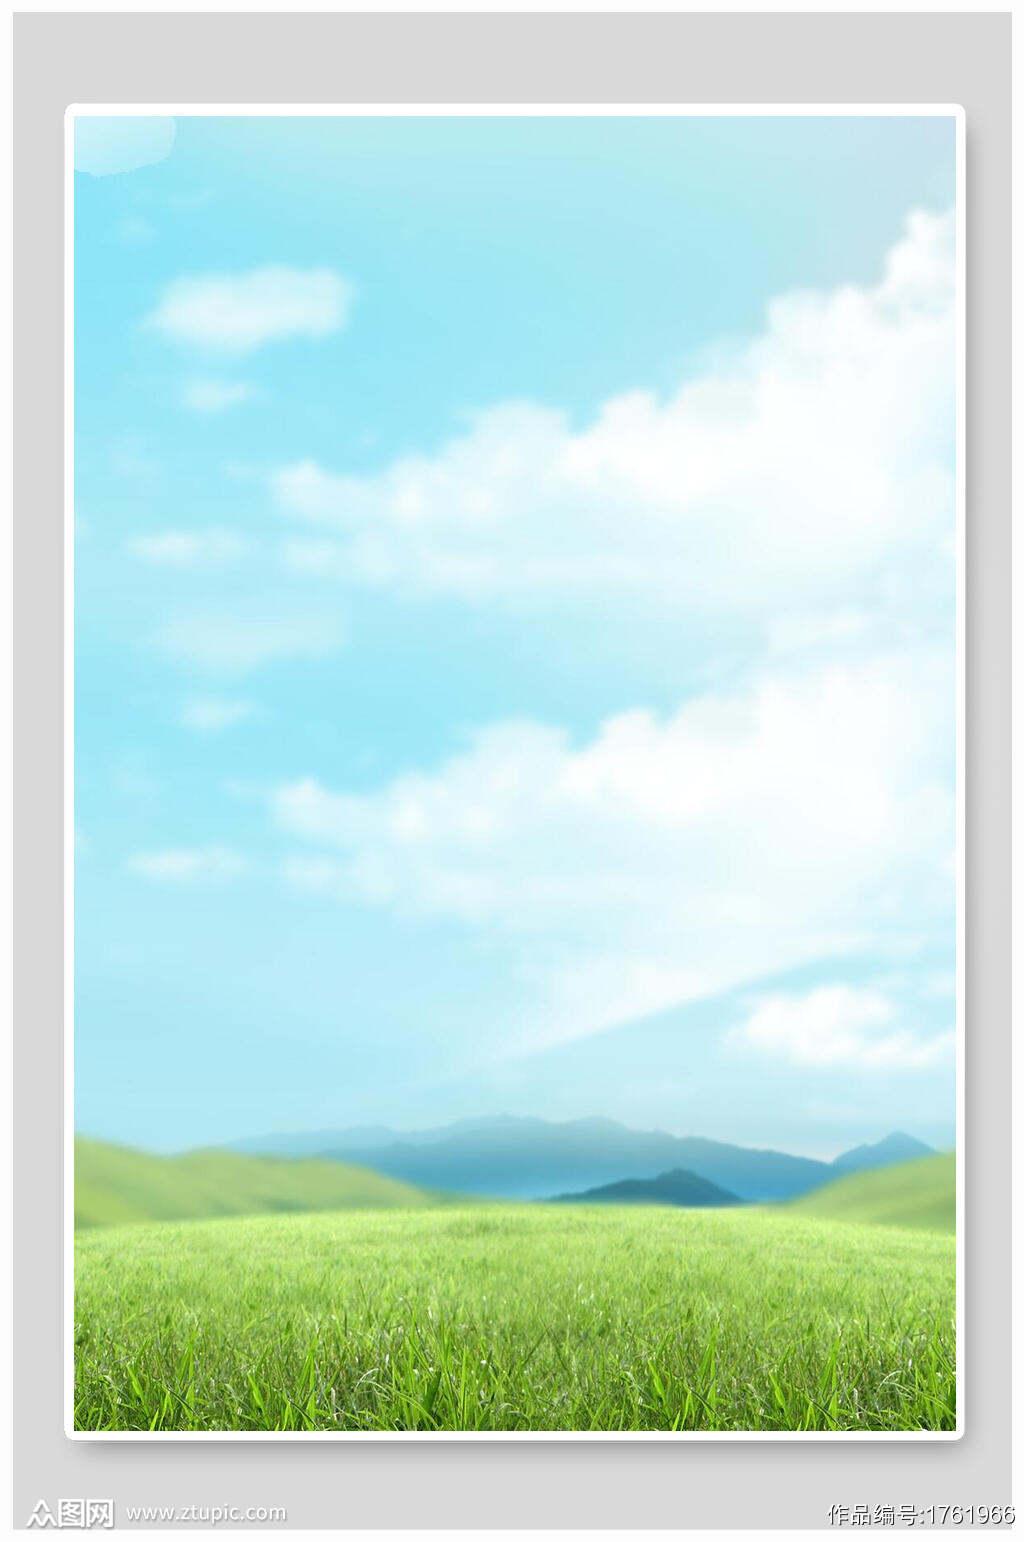 高清蓝天绿草地背景素材